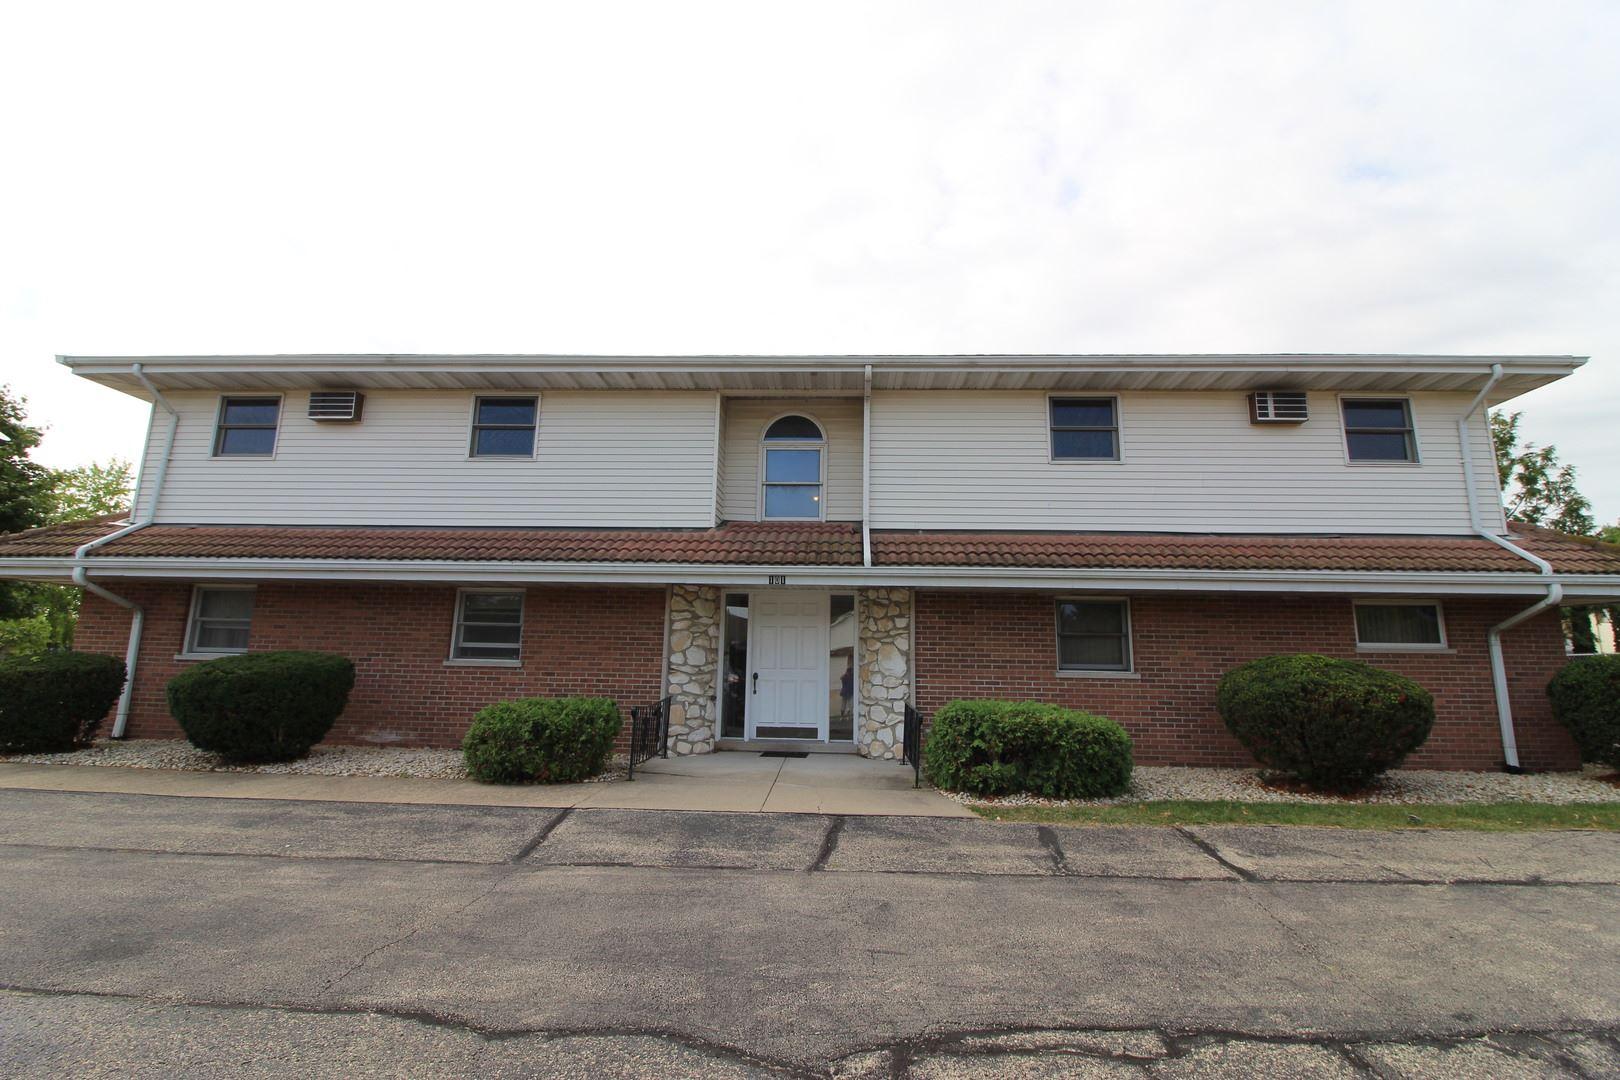 Photo of 101 Sean Drive #107, Morris, IL 60450 (MLS # 10840832)